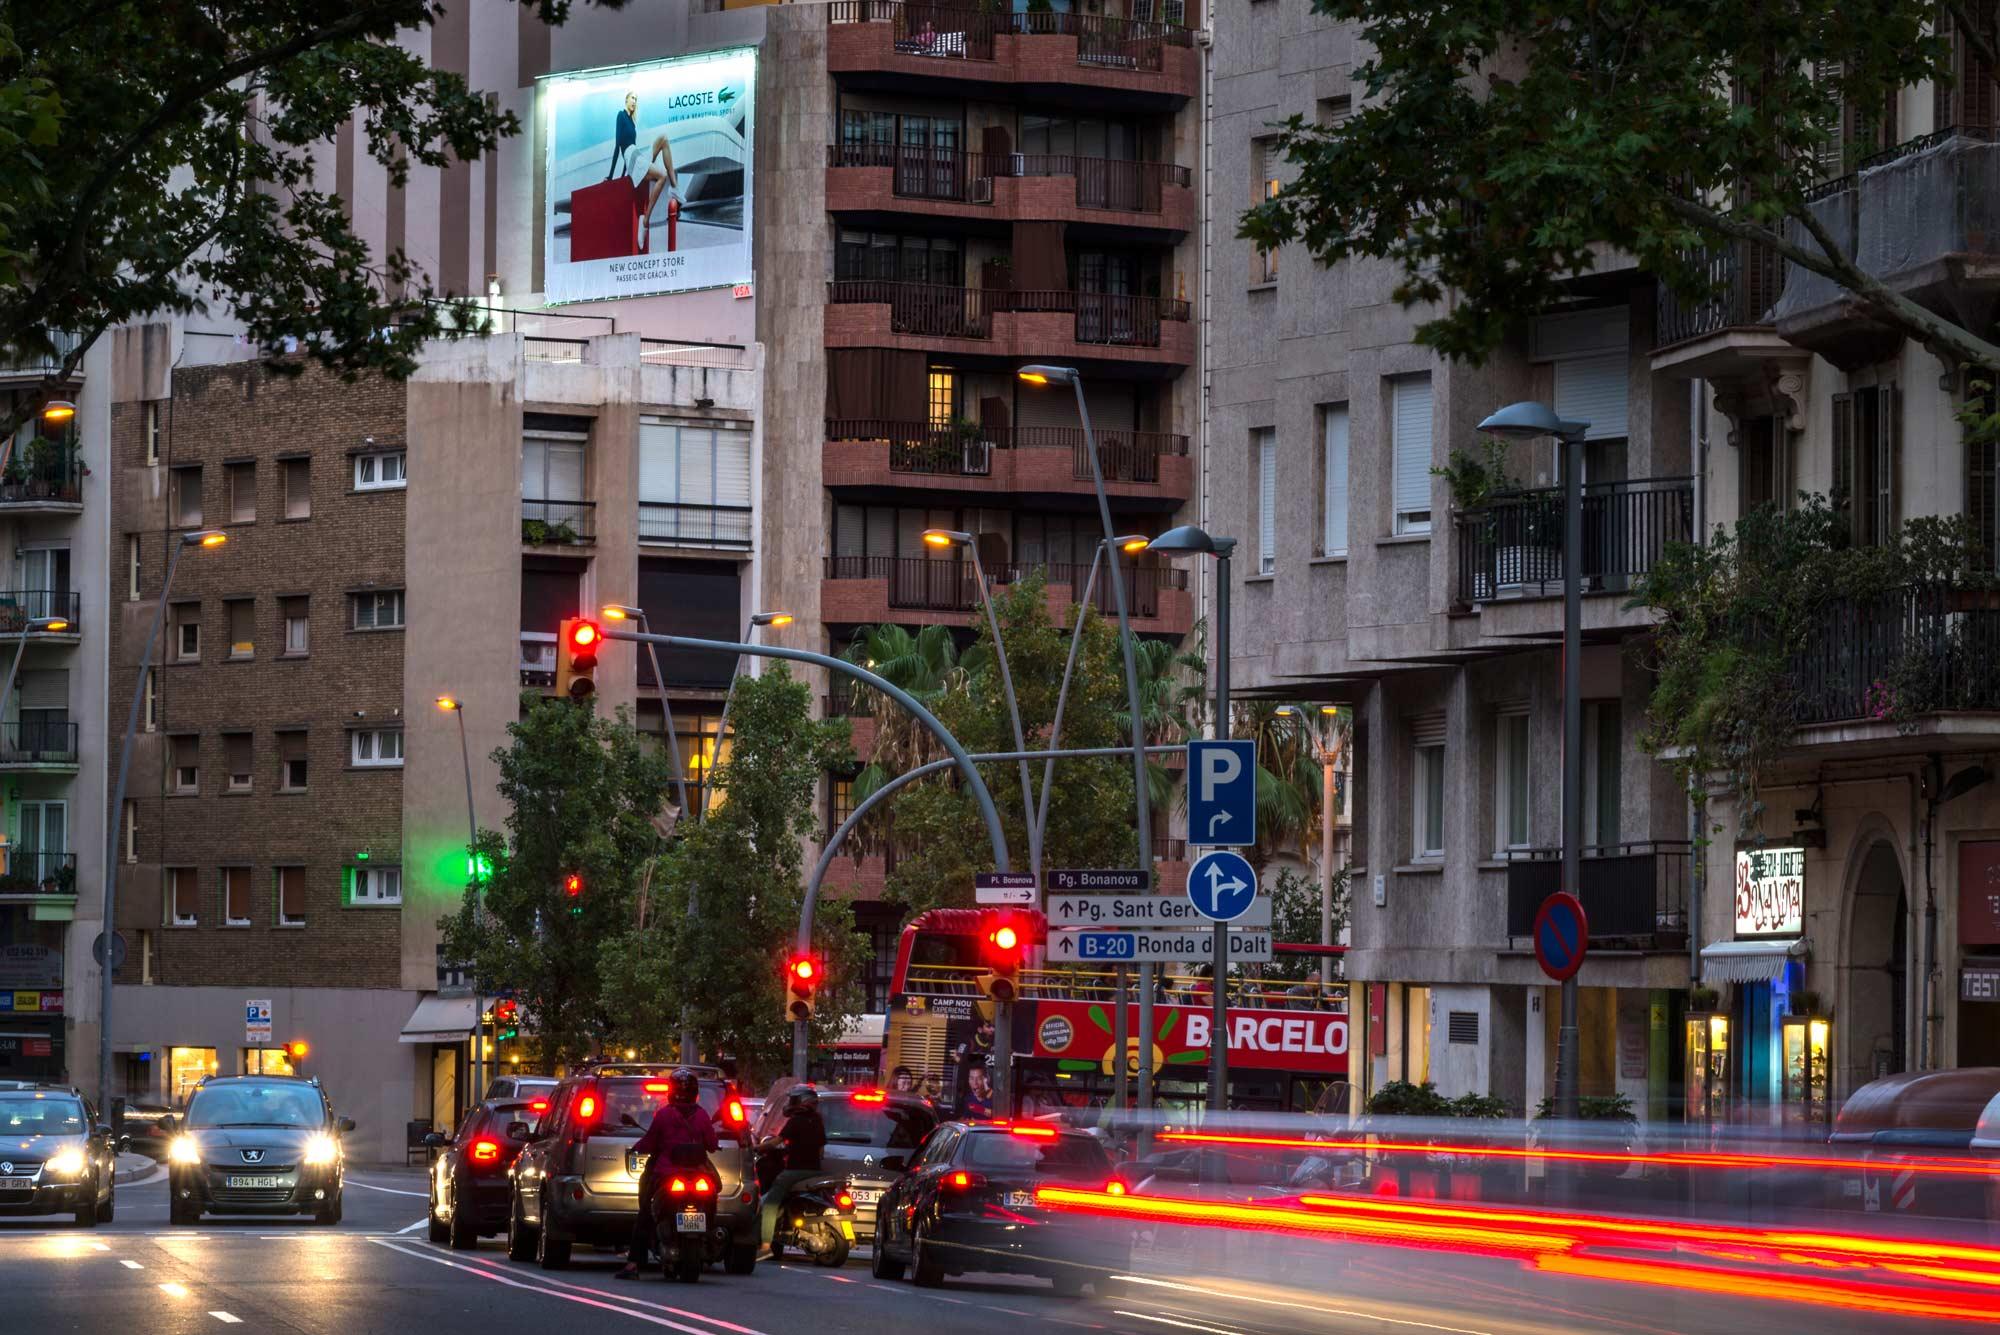 pym-medianera-publicidad-exterior-lacoste-noche-barcelona-vsa-comunicacion